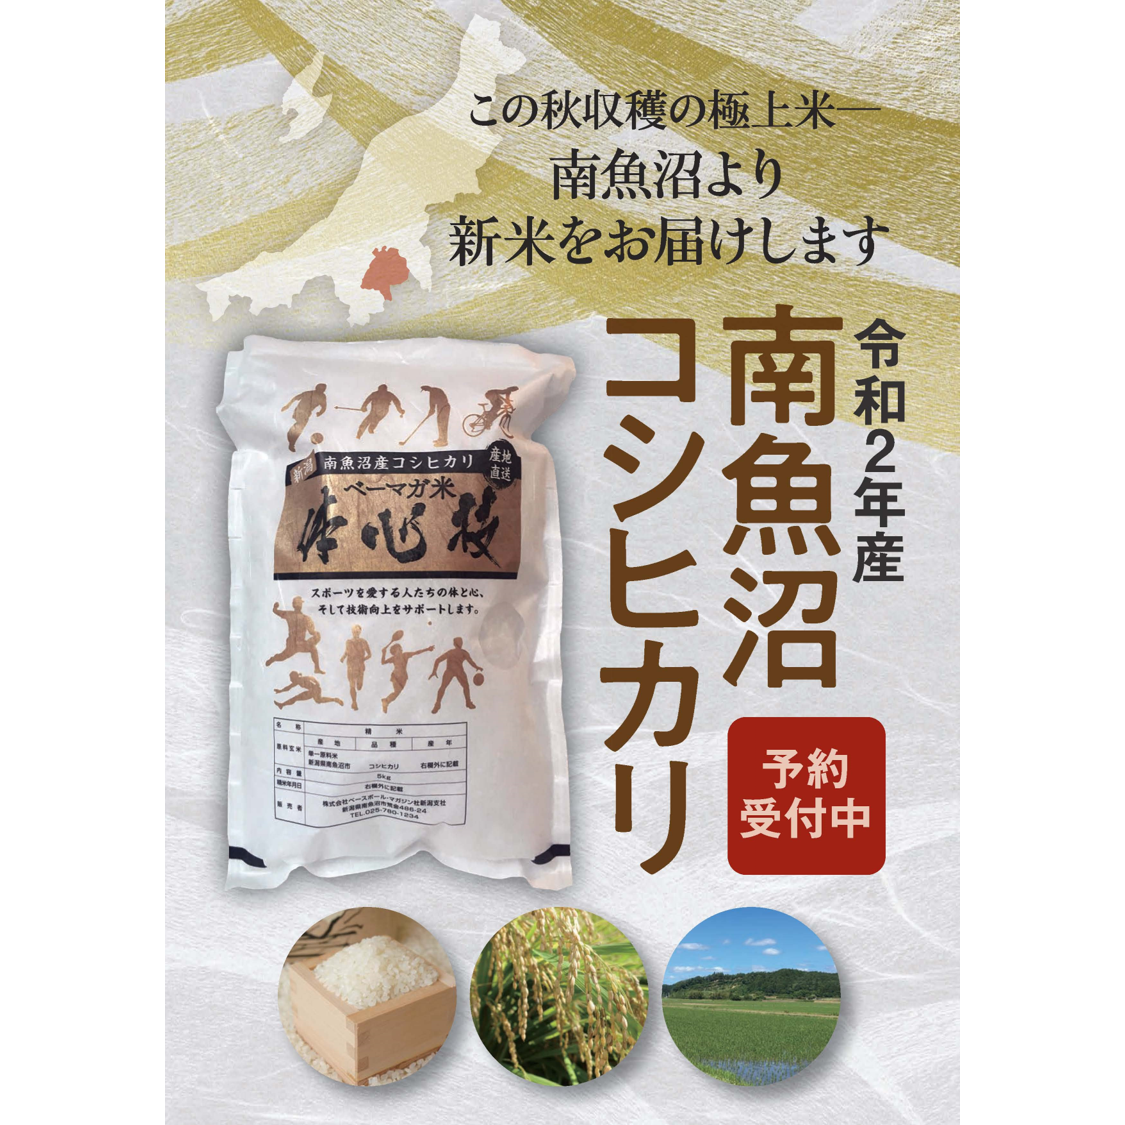 品番A <厳選米> ベーマガ米「体」「心」「技」 南魚沼産コシヒカリ 5kg